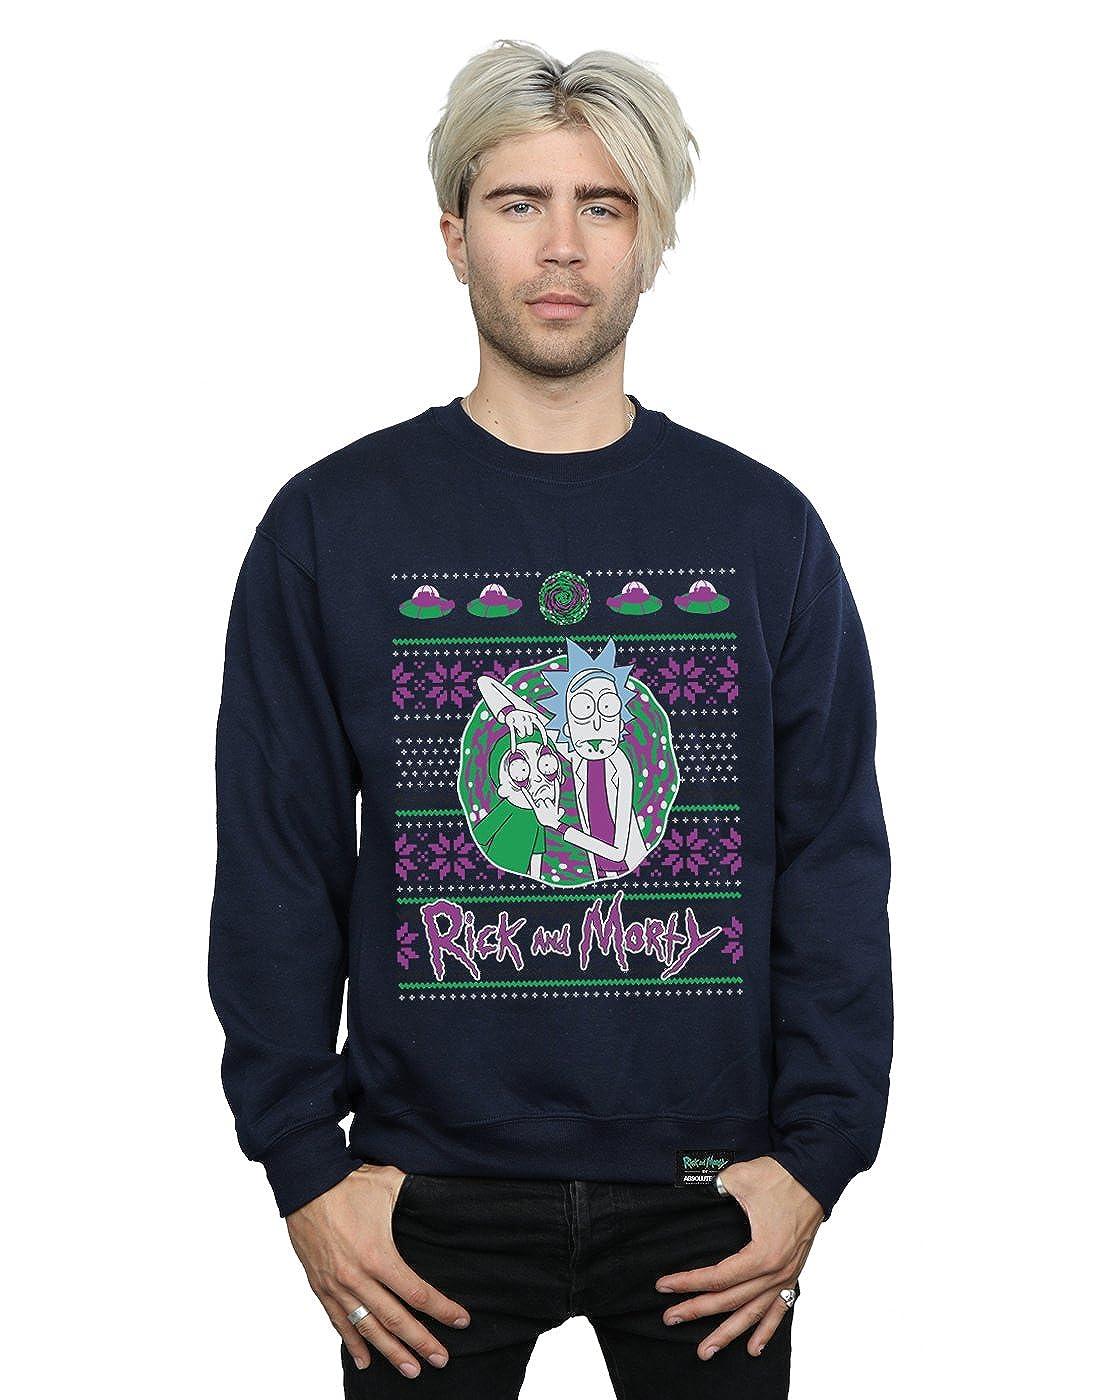 Absolute Cult Hombre Rick and Morty Christmas Portal Camisa De Entrenamiento: Amazon.es: Ropa y accesorios